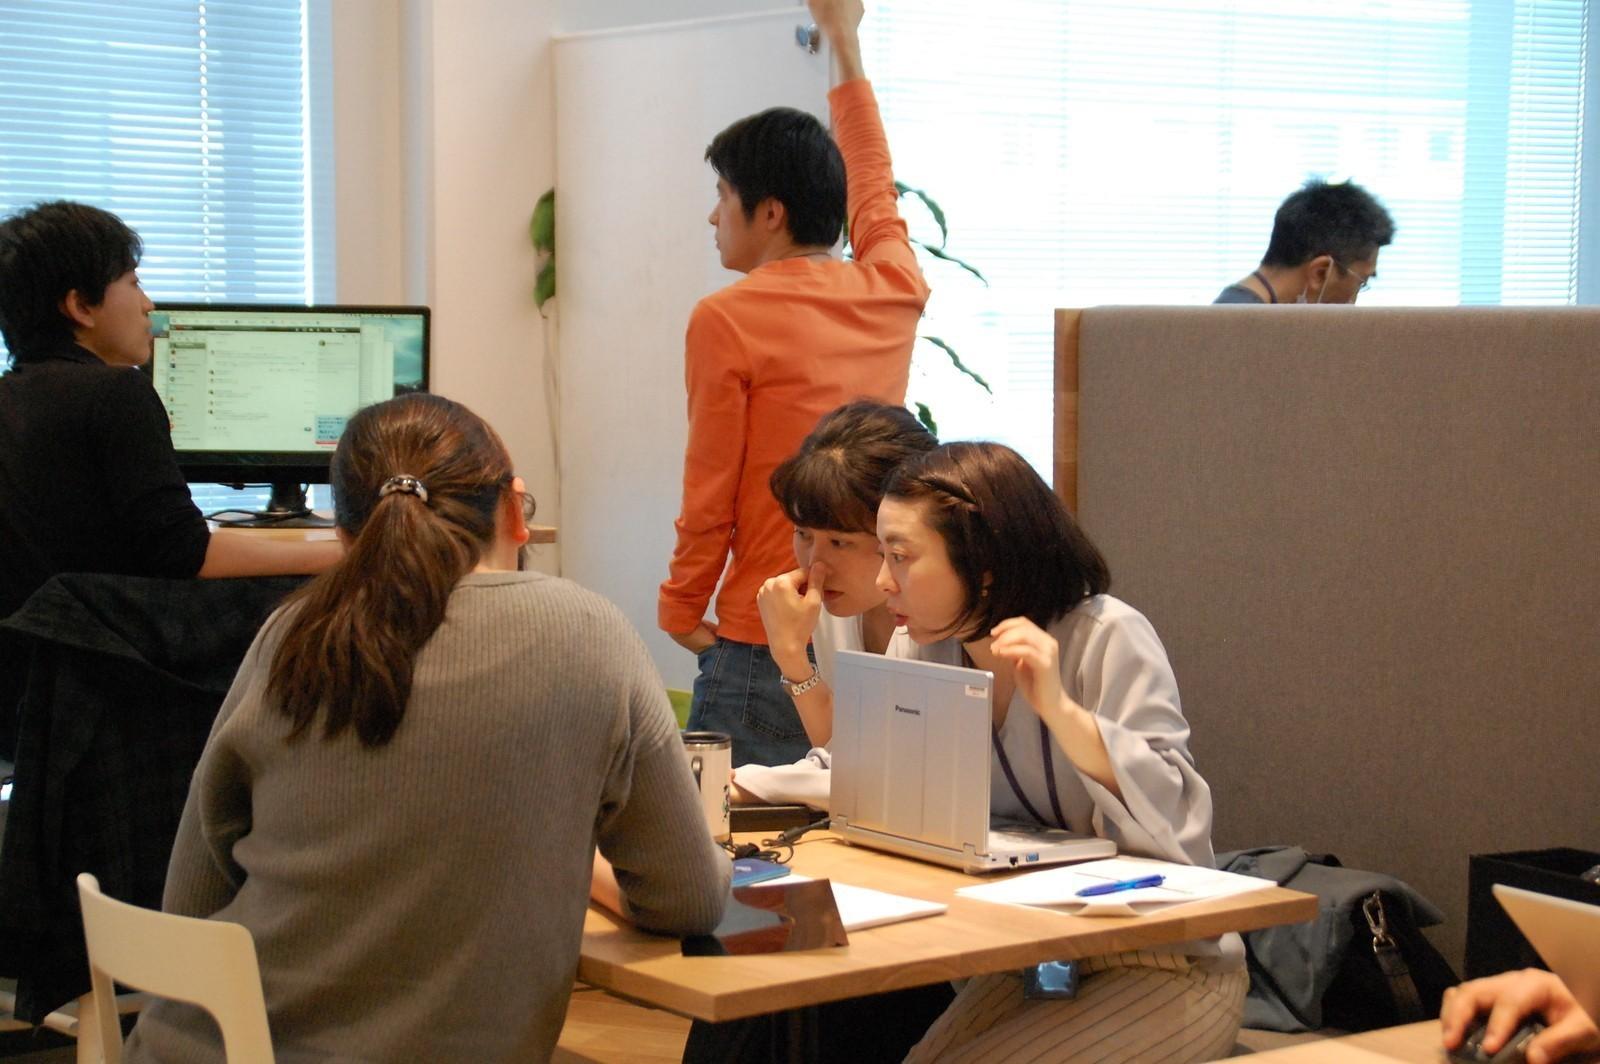 社会人支援の EdTech サービスをさらに使いやすくする UI/UX エンジニアを募集!